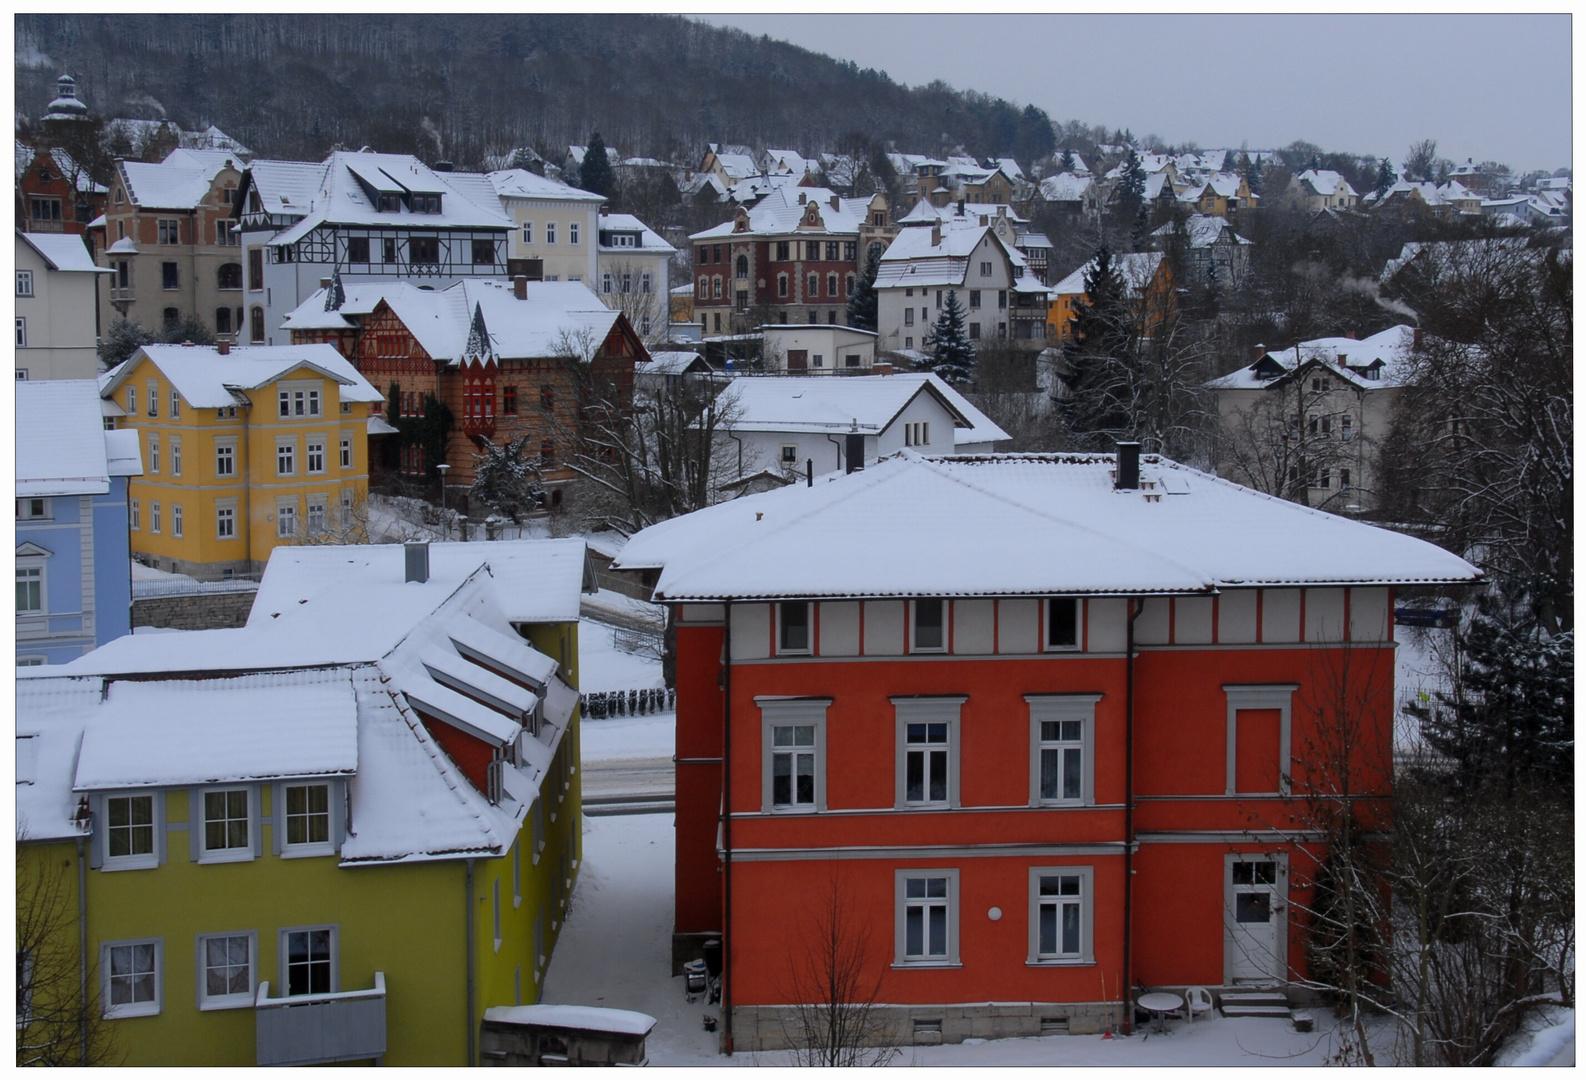 Bonitas casas, recién renovadas (Schöne, gerade renovierte Häuser)